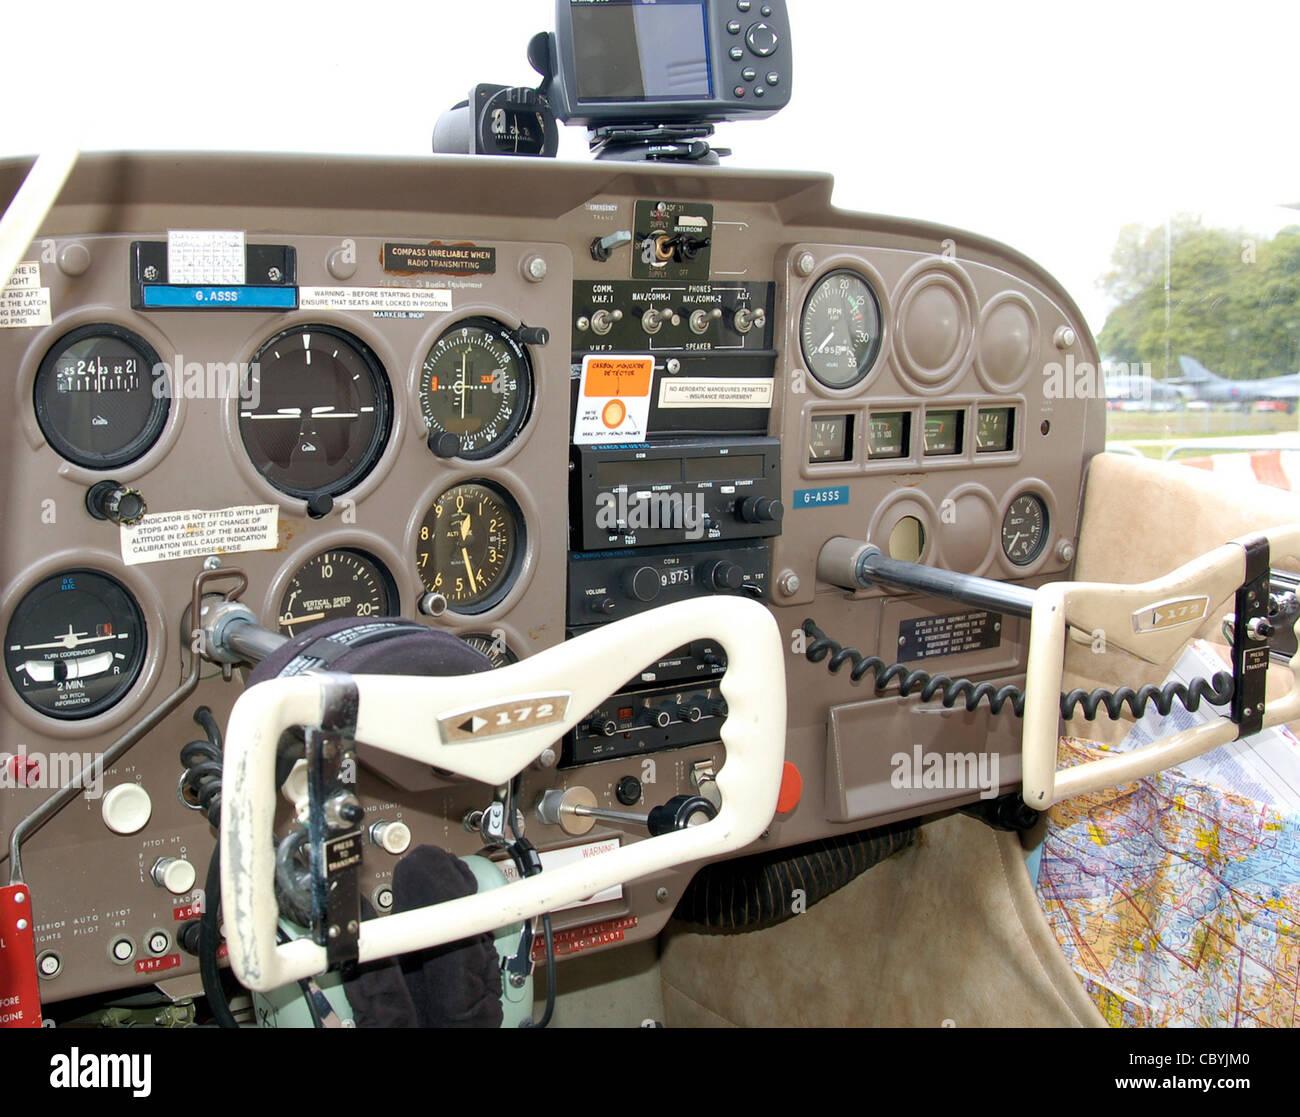 Aircraft Yoke Stock Photos & Aircraft Yoke Stock Images - Alamy